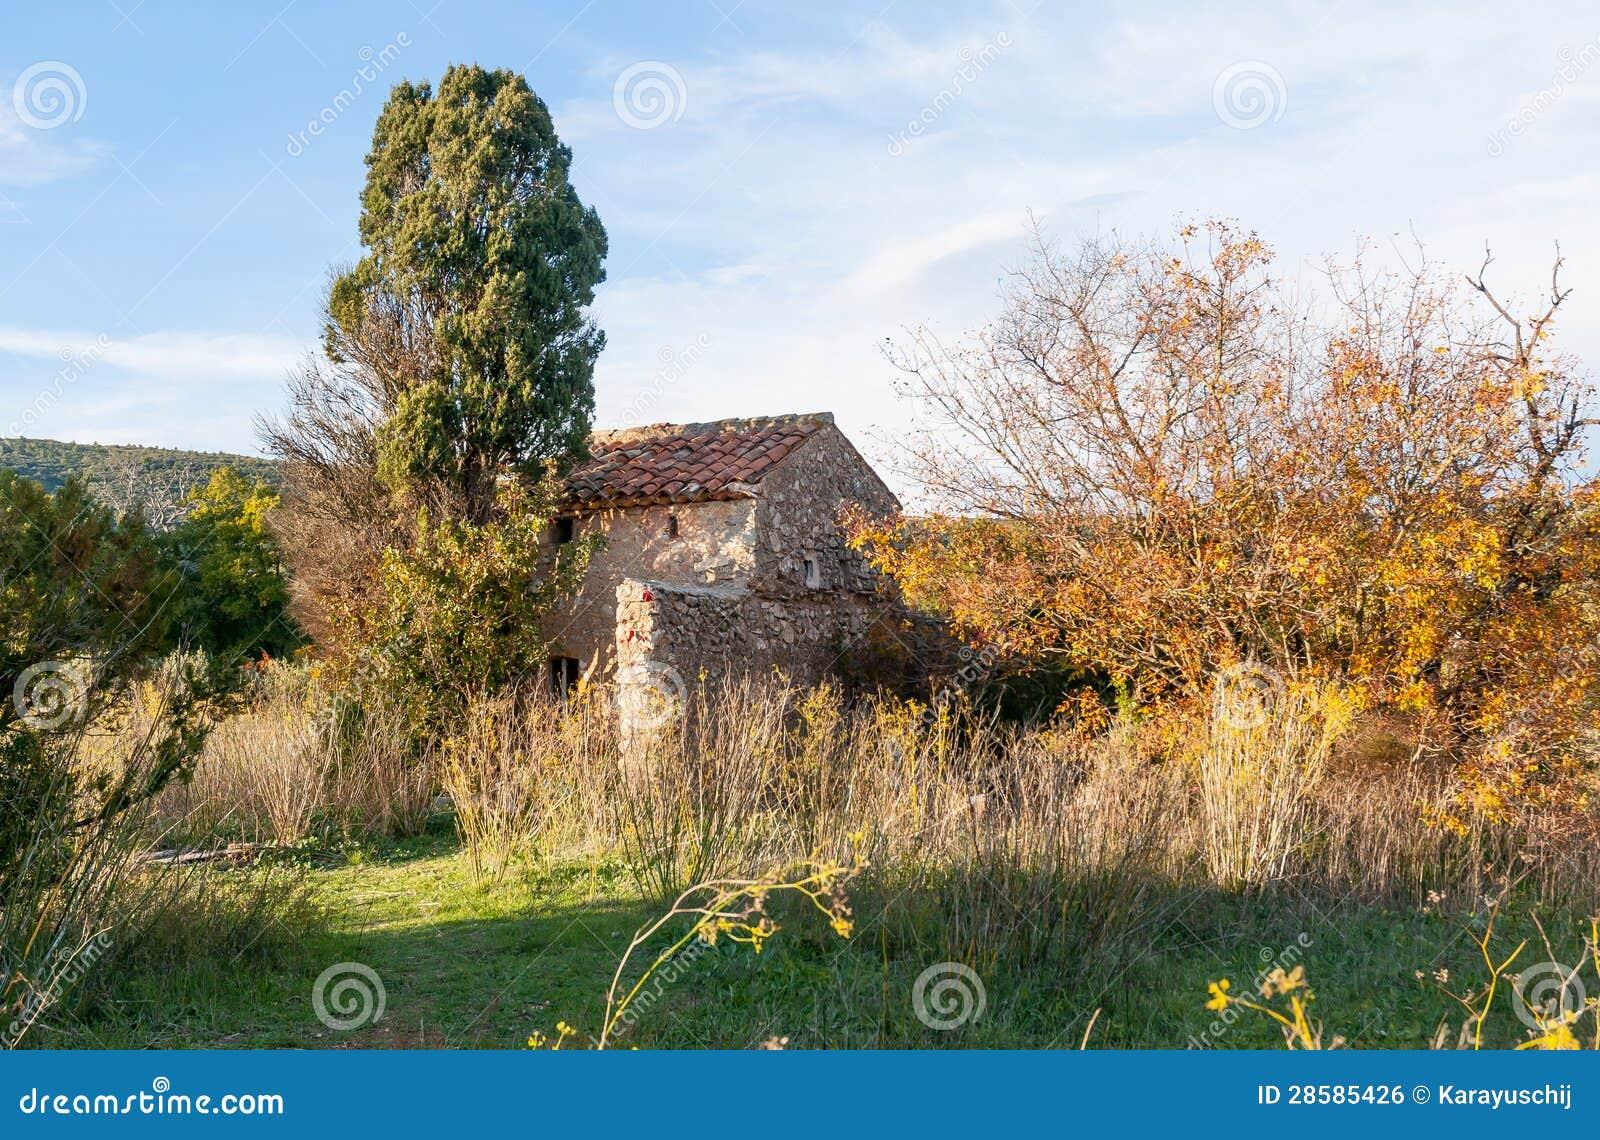 Vieille maison en provence sud de la france image libre for Achat maison sud france